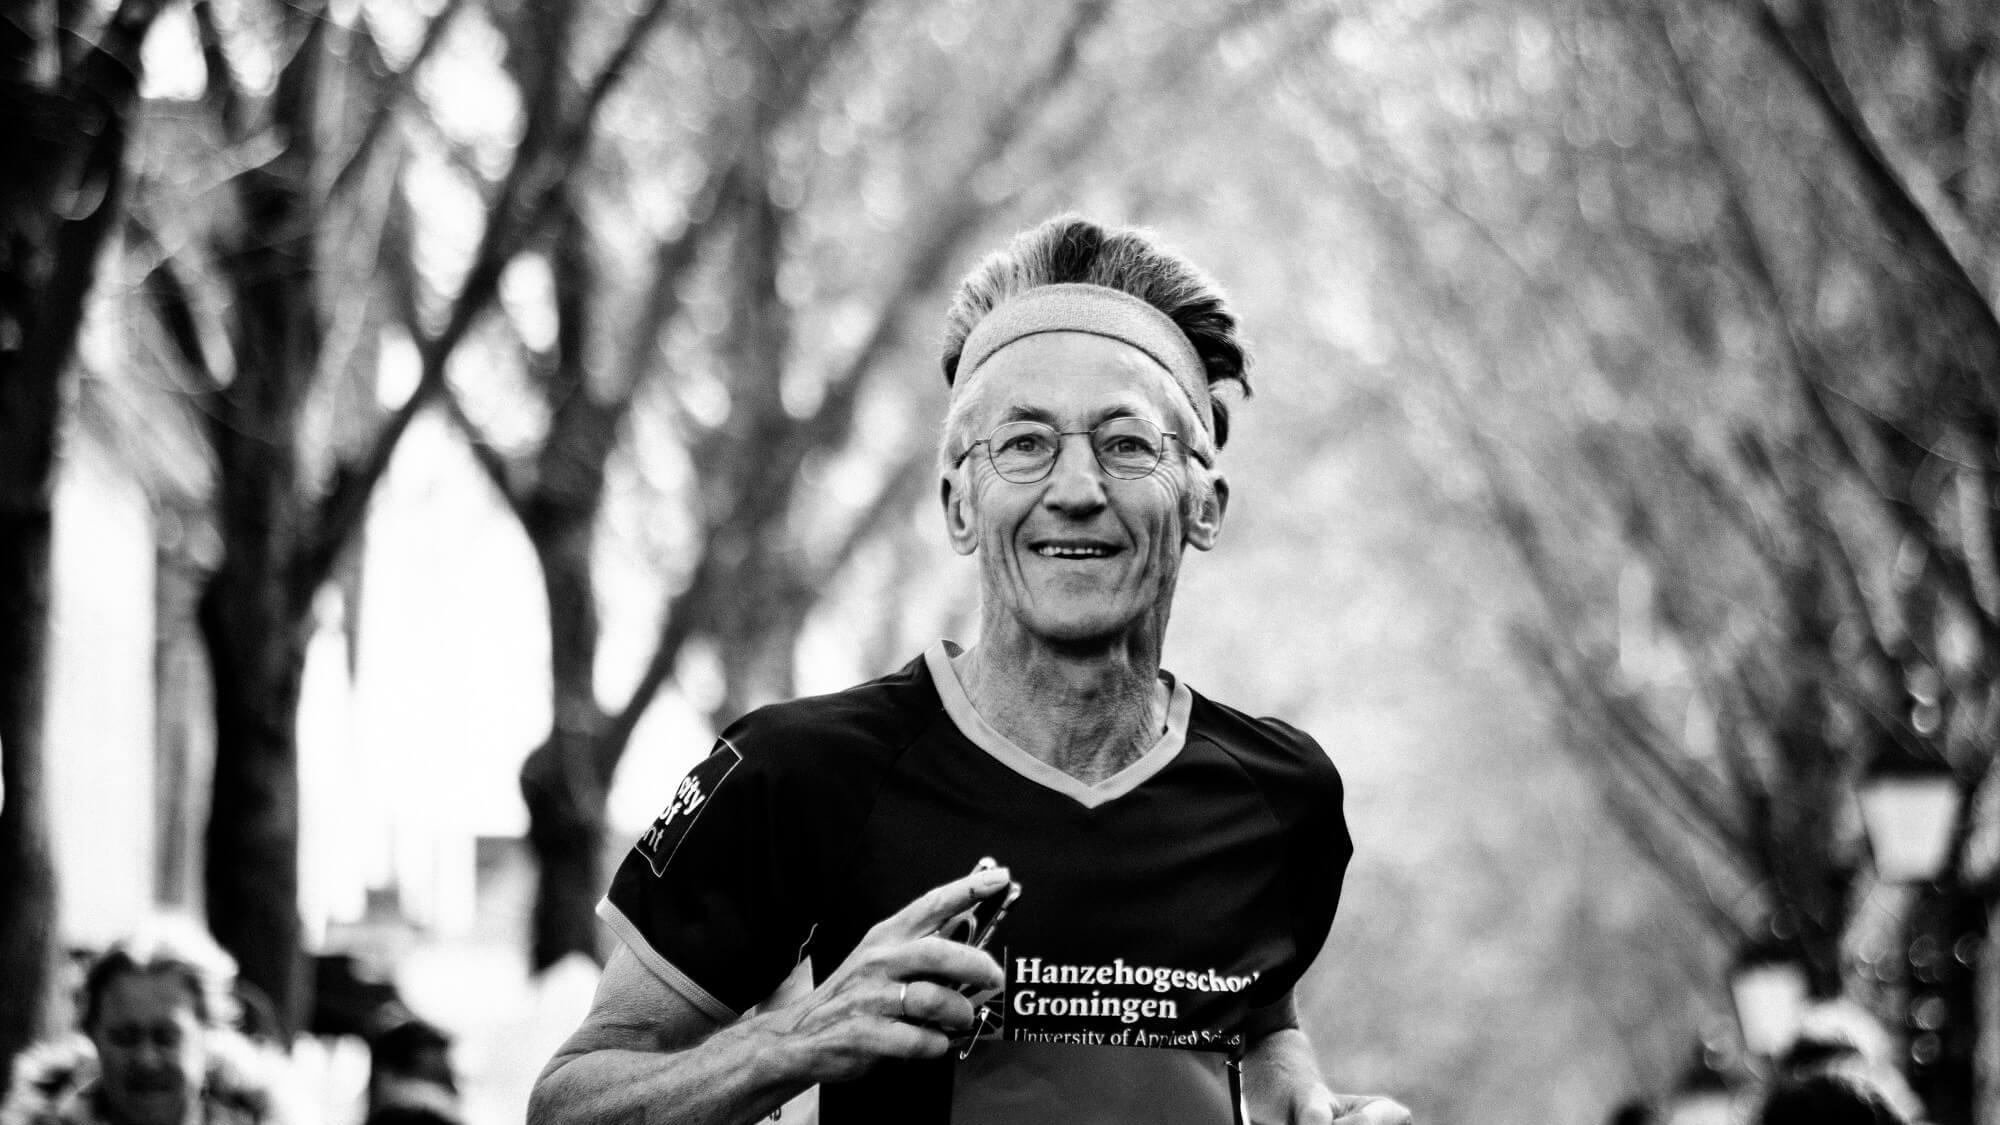 Runner during the Stratenloop in Midsland on Koningsdag 2017.